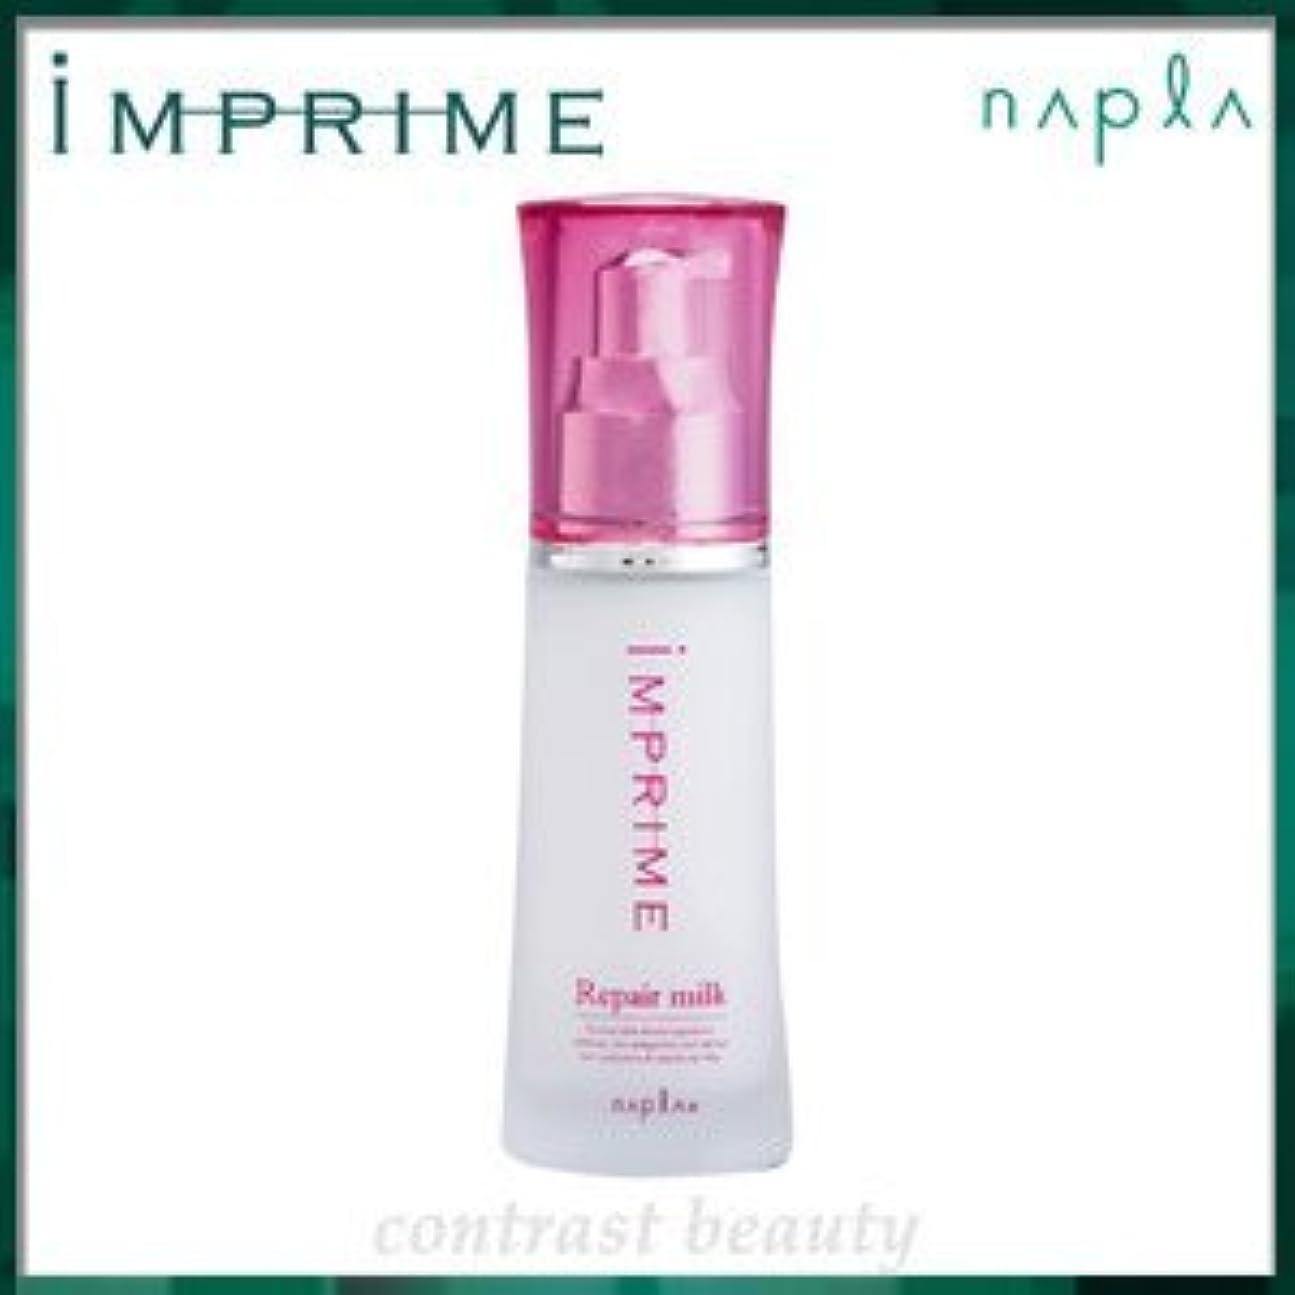 容赦ない理解摩擦【X2個セット】 ナプラ インプライム リペアミルク 35ml IMPRIME napla